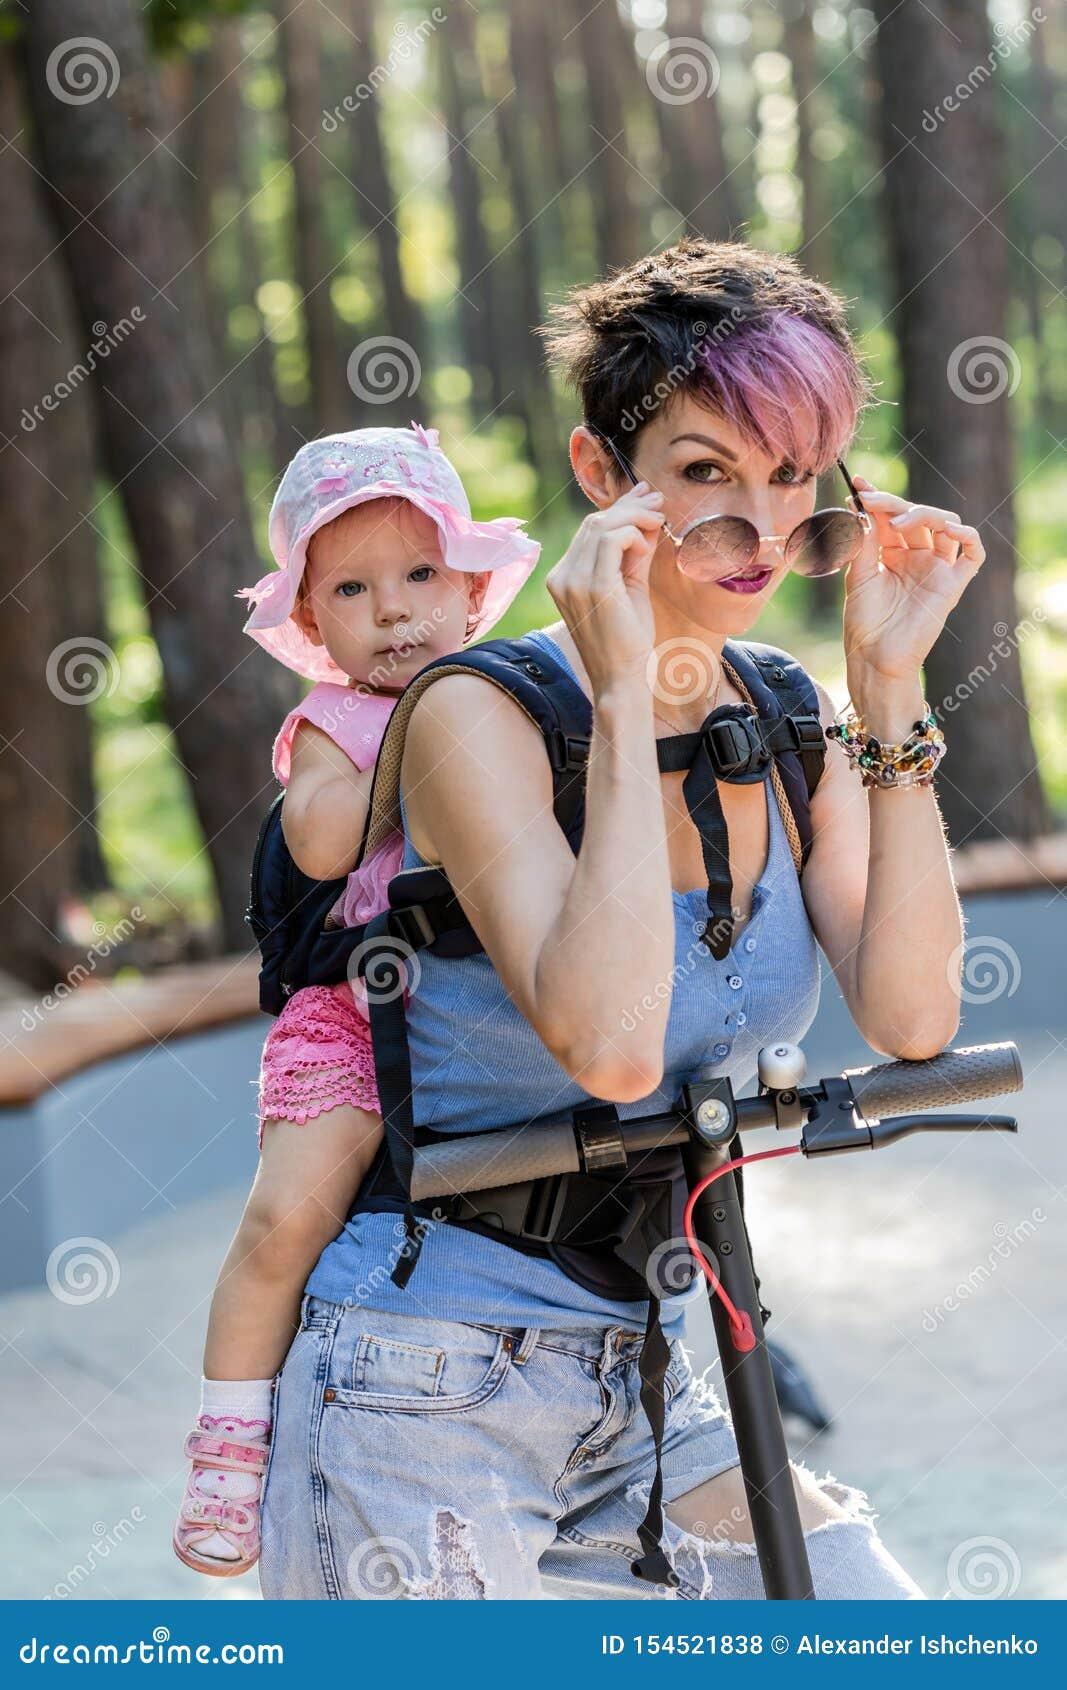 Η δροσερή ελκυστική γυναίκα απολαμβάνει ένα ηλεκτρικό μηχανικό δίκυκλο με την κόρη της στη σφεντόνα